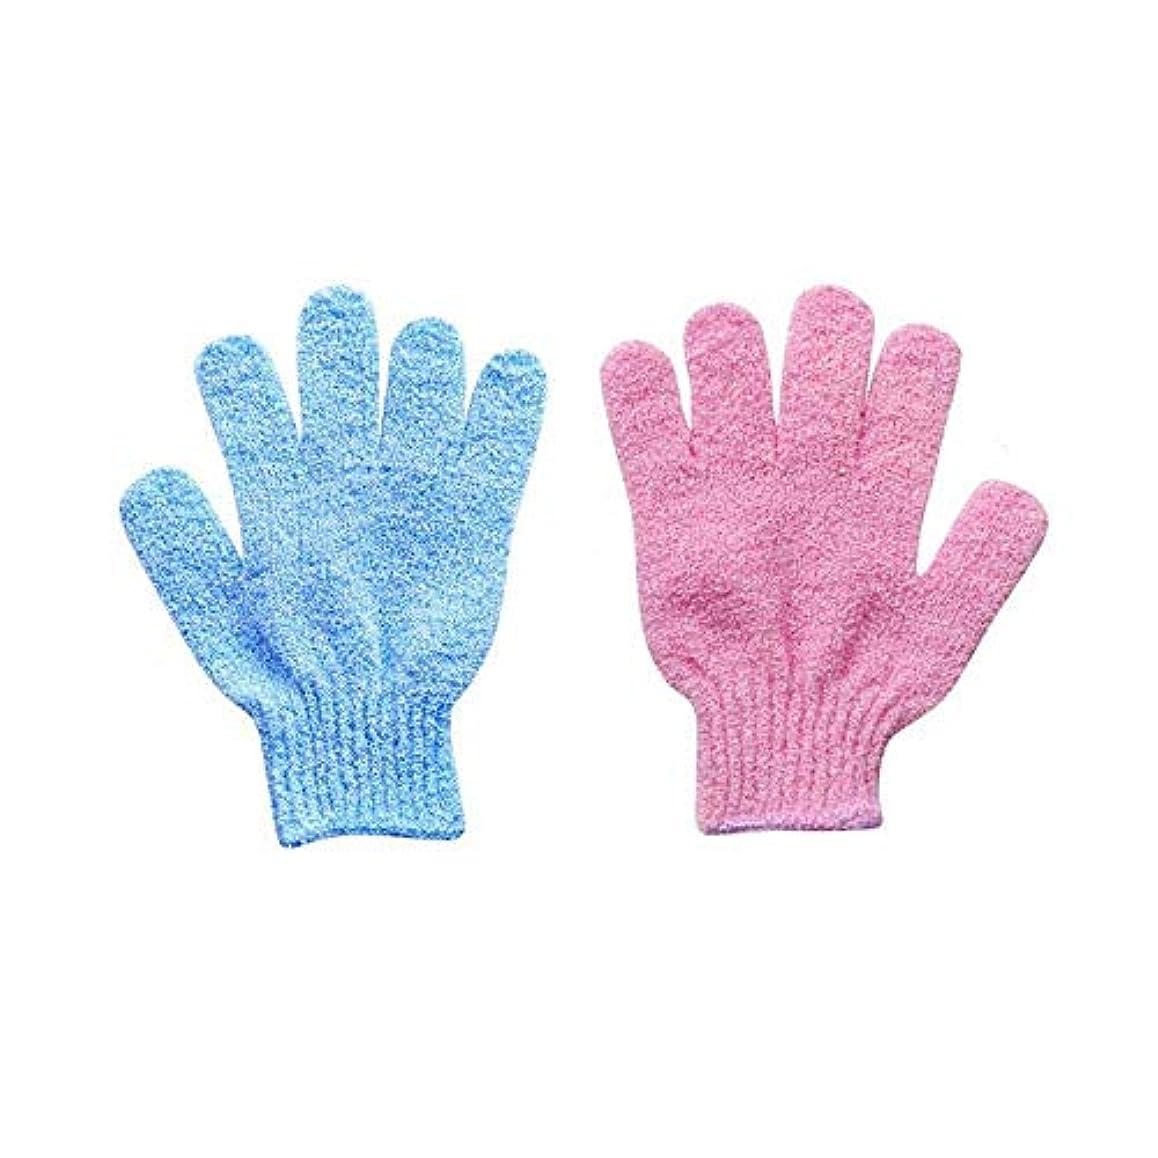 校長委員長責めるお風呂手袋 五本指 シャワーグローブ 泡立ち 柔らかい 入浴用品 角質除去 垢すり 2PCS